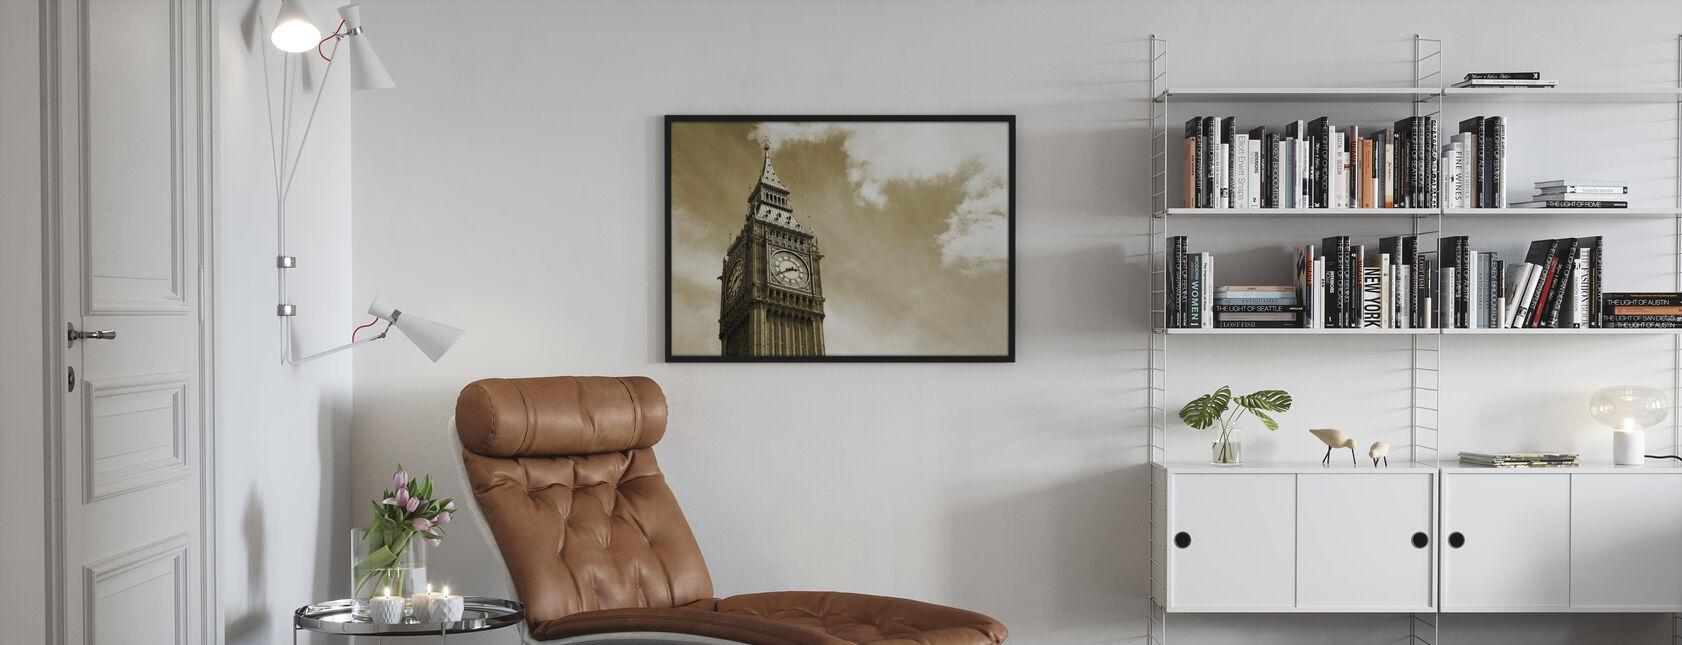 Big Ben, Londra, Regno Unito - Stampa incorniciata - Salotto